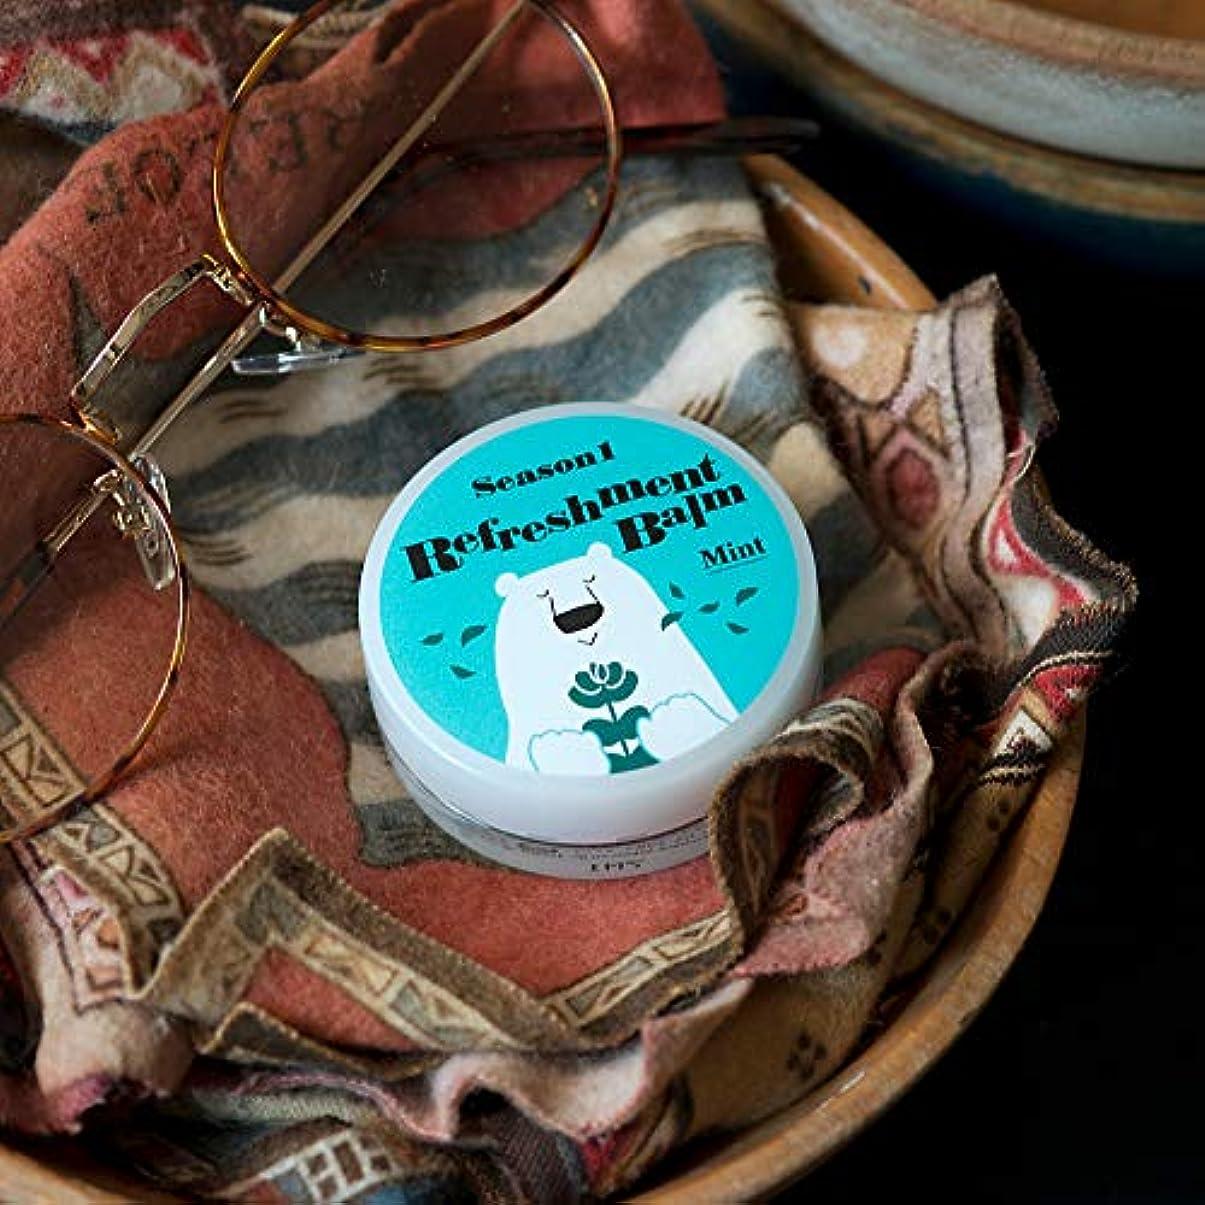 詳細にそれぞれ小道(美健)BIKEN カサカサ鼻にひと塗り リフレッシュメントバーム ミント エッセンシャルオイル(精油)のみで香り付け